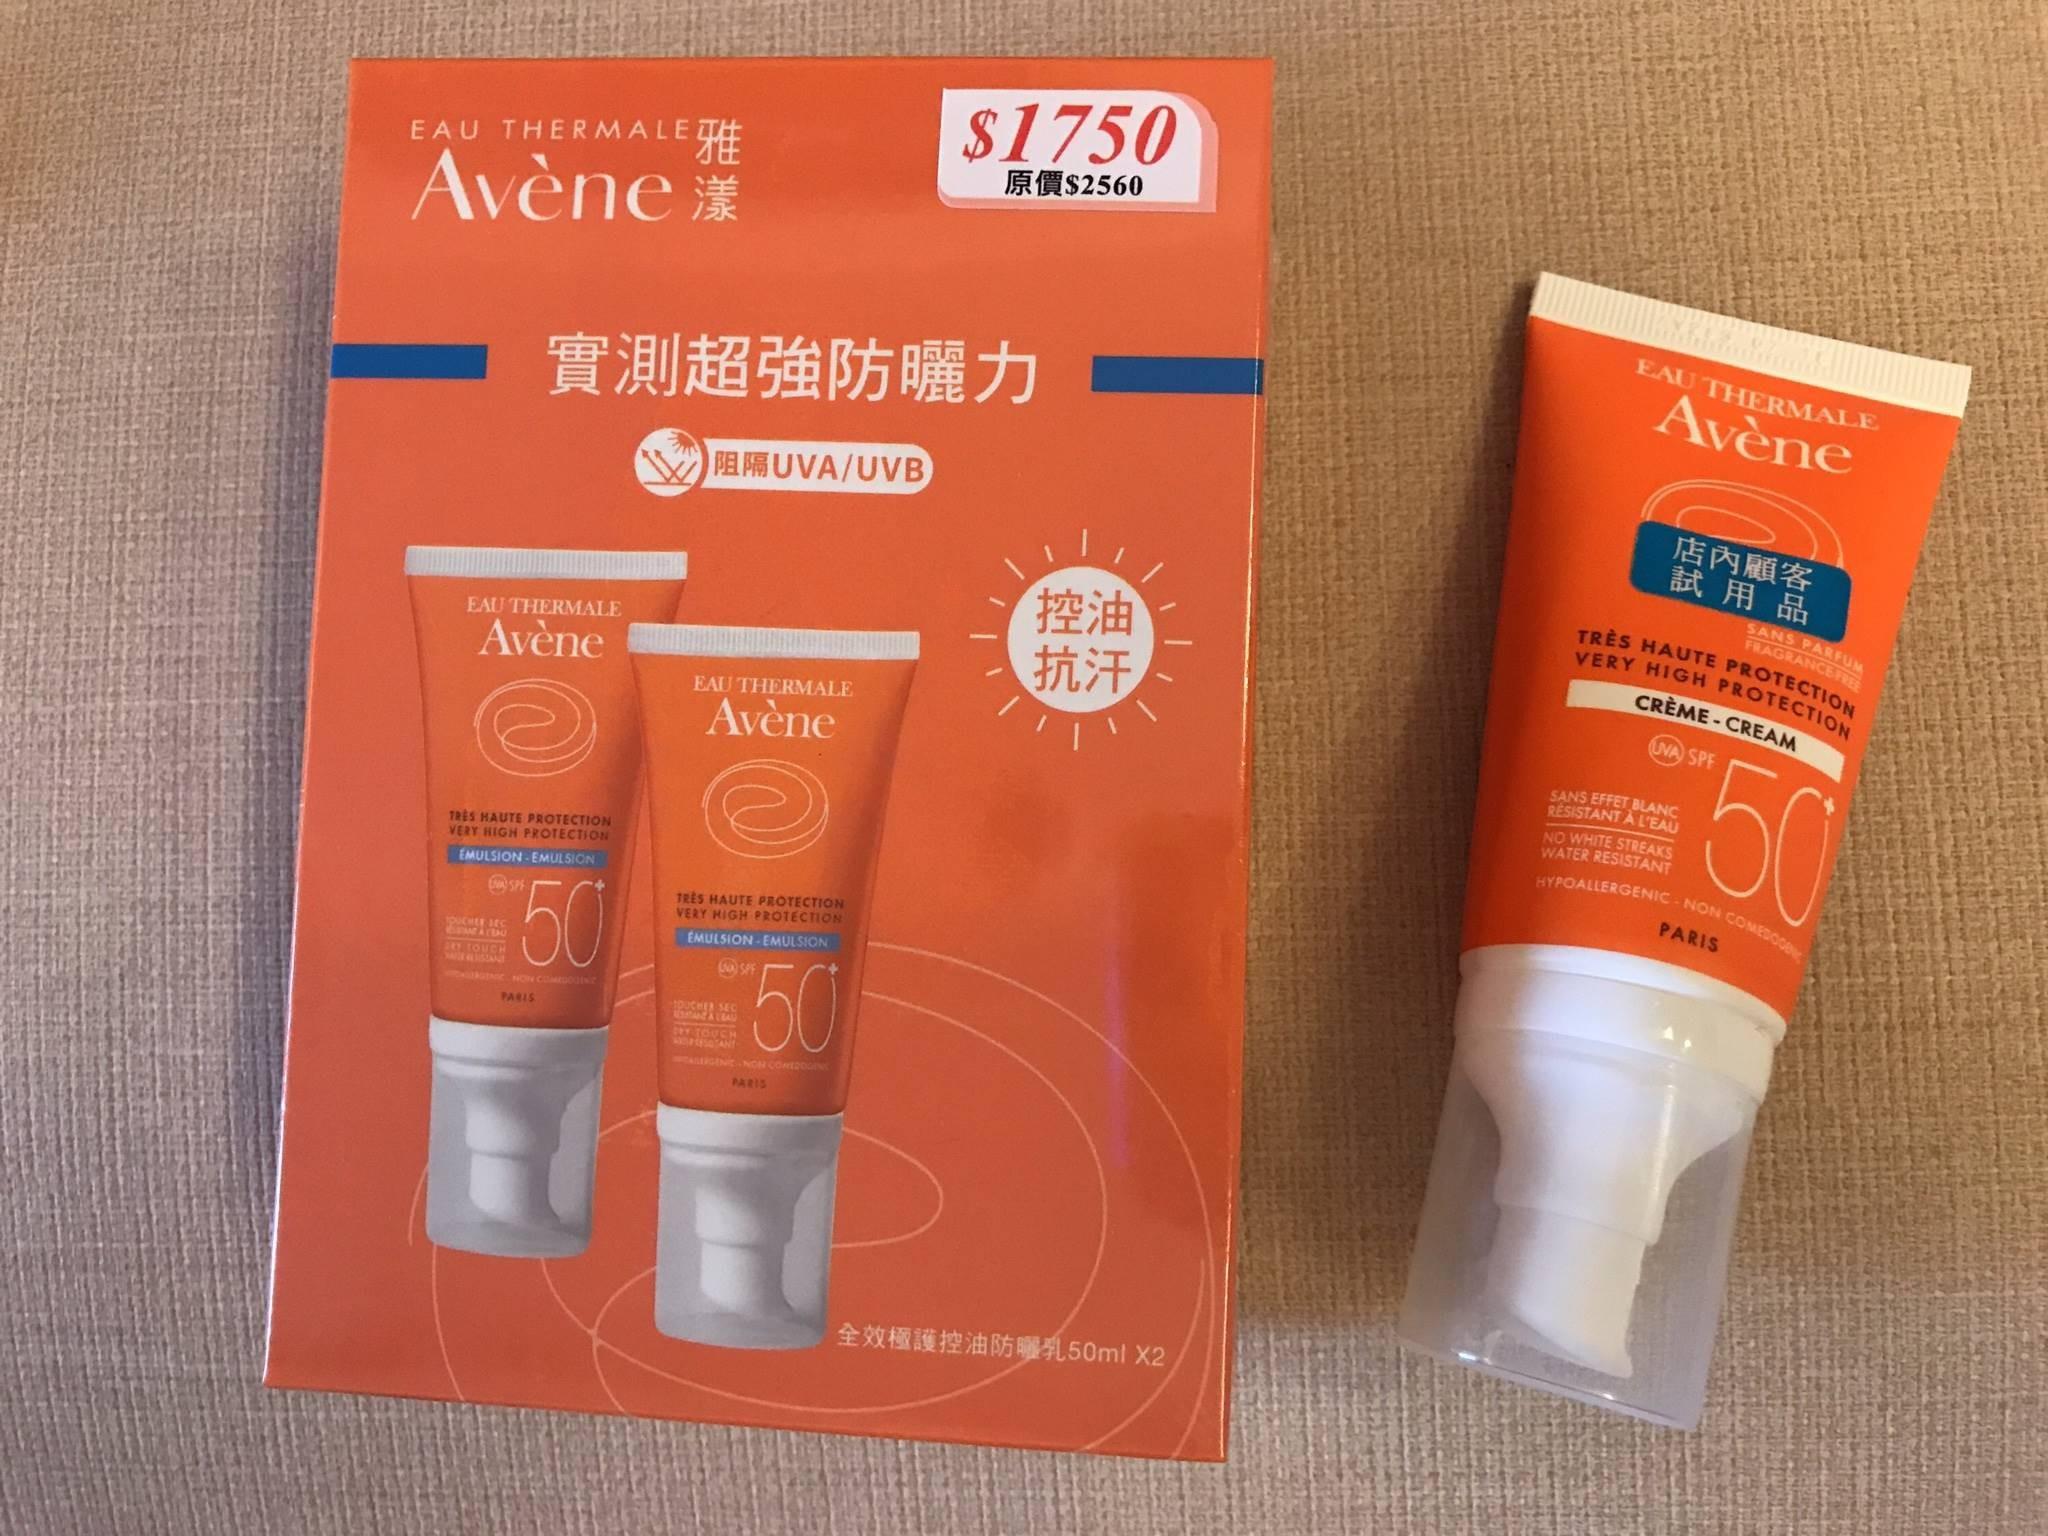 雅漾 清爽抗UV隔離乳 全效極護控油防曬乳 物理性 全效潤色防曬霜 低敏防曬